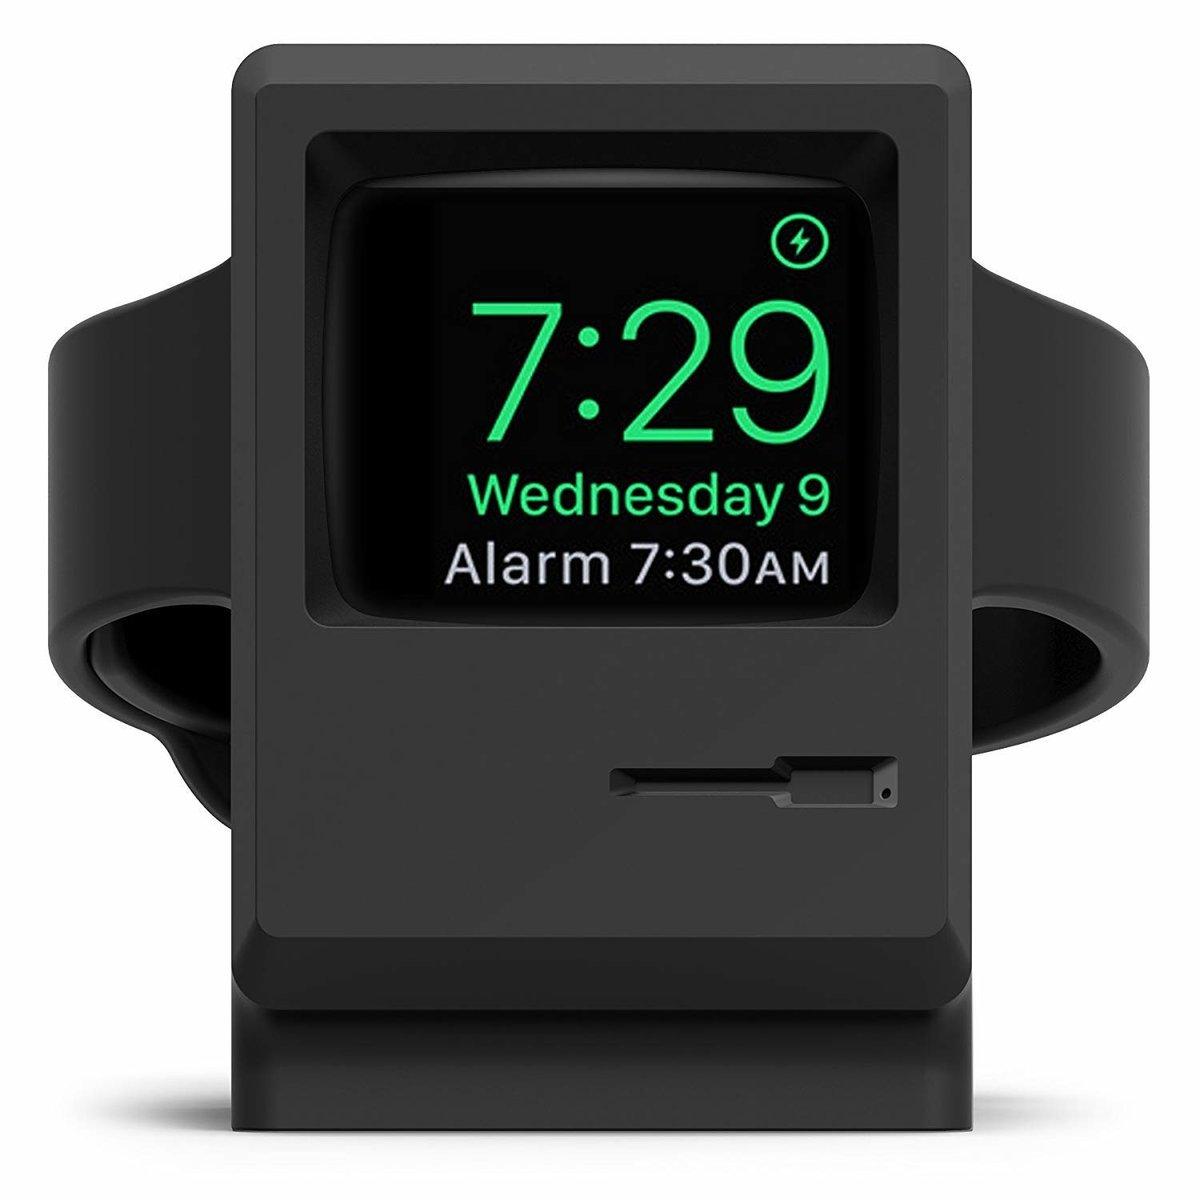 復古Apple Watch矽膠充電支架適用於Apple Watch 1/2/3/4 38 / 42mm-黑色